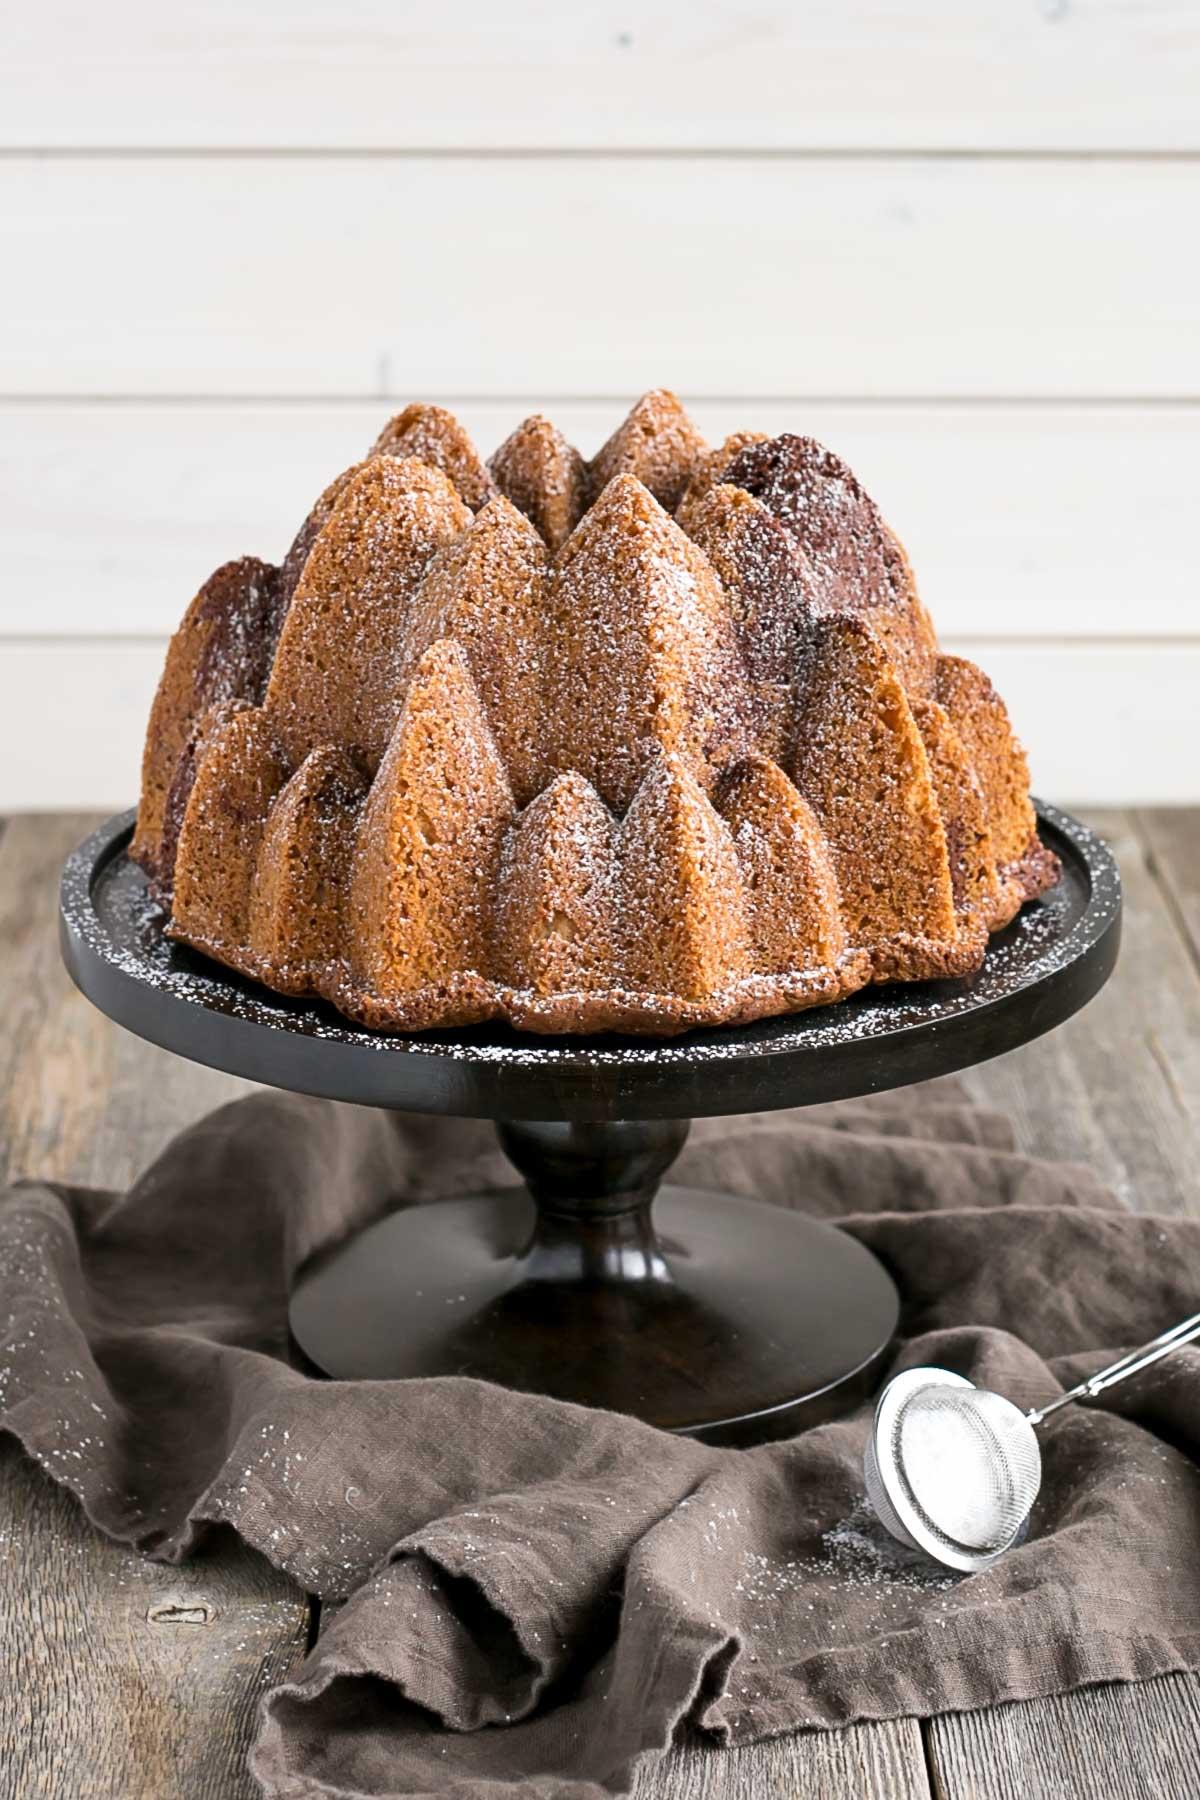 Bundt cake on a dark cake stand.